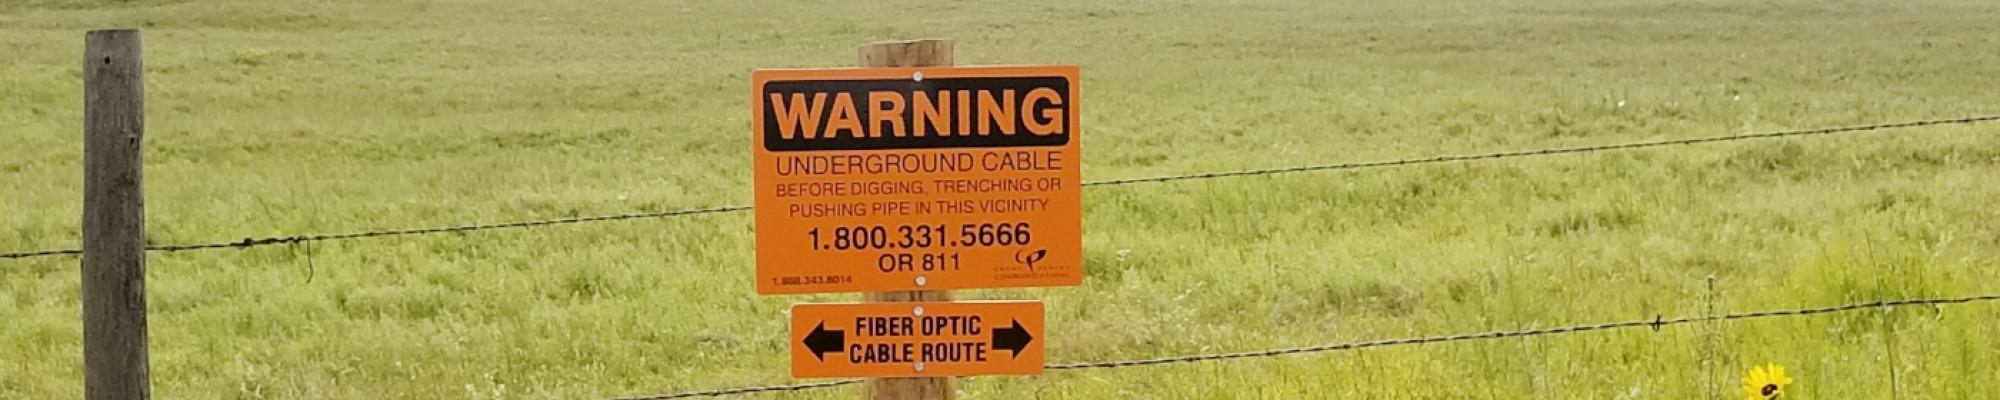 Dig Warning Sign